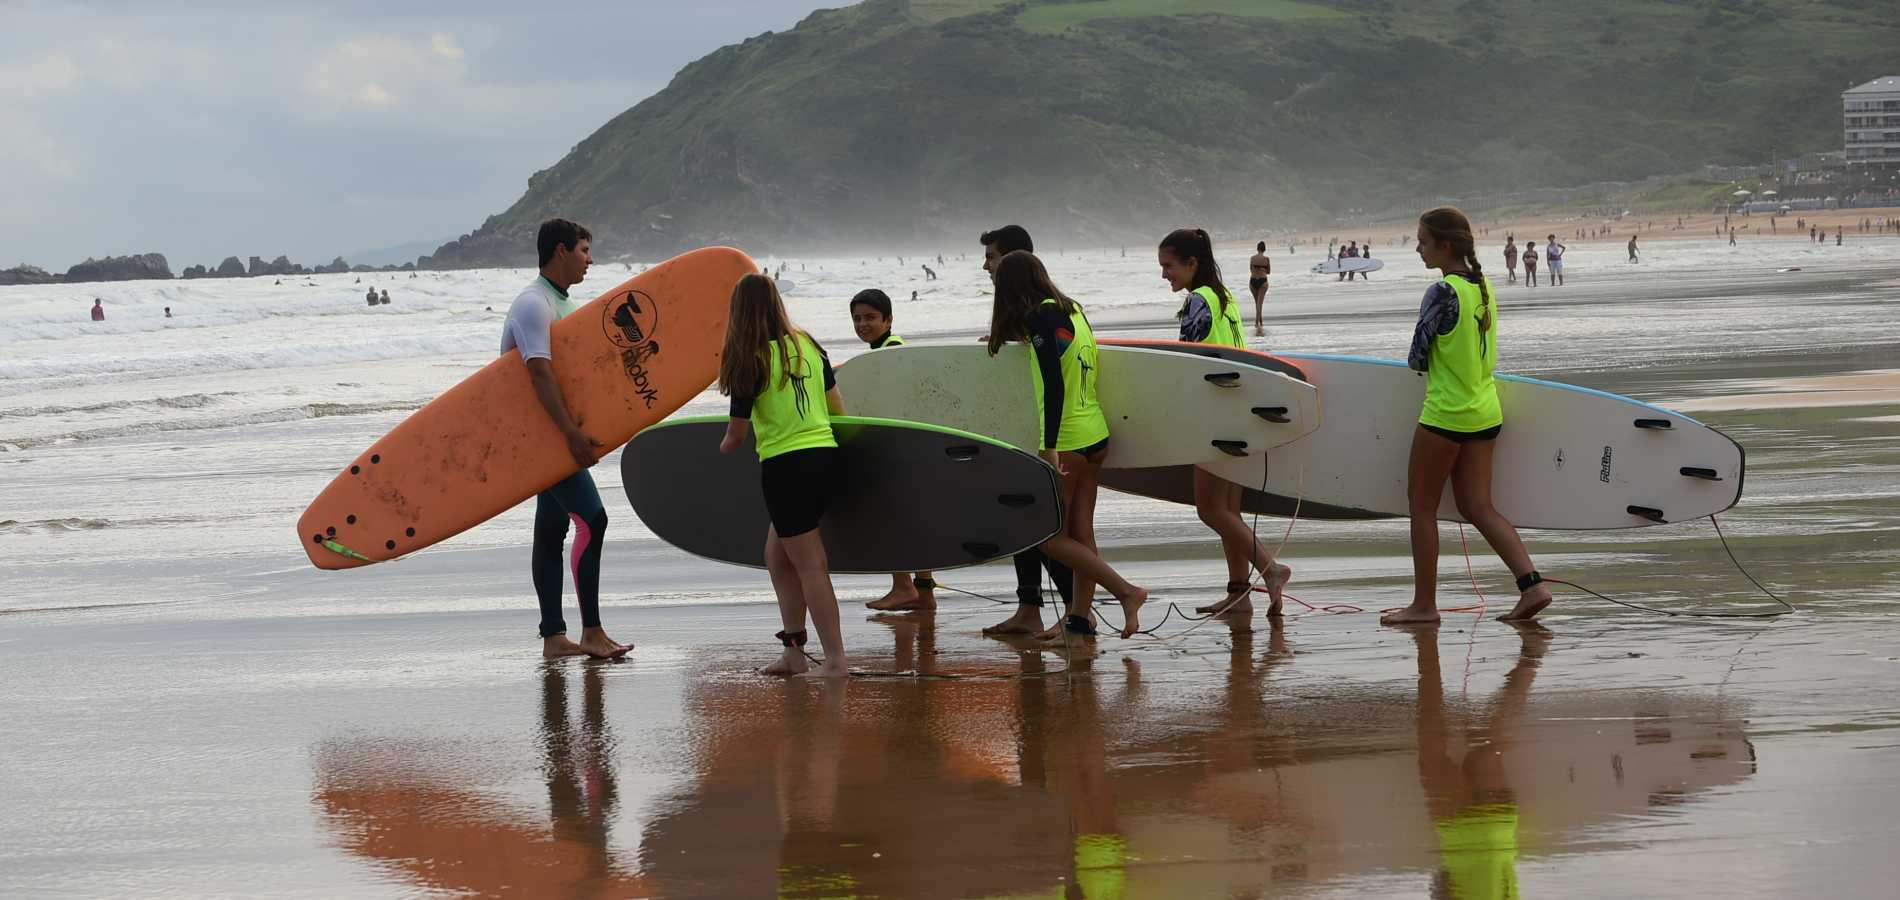 Escuela de surf en Zarautz, Escuela de surf Essus